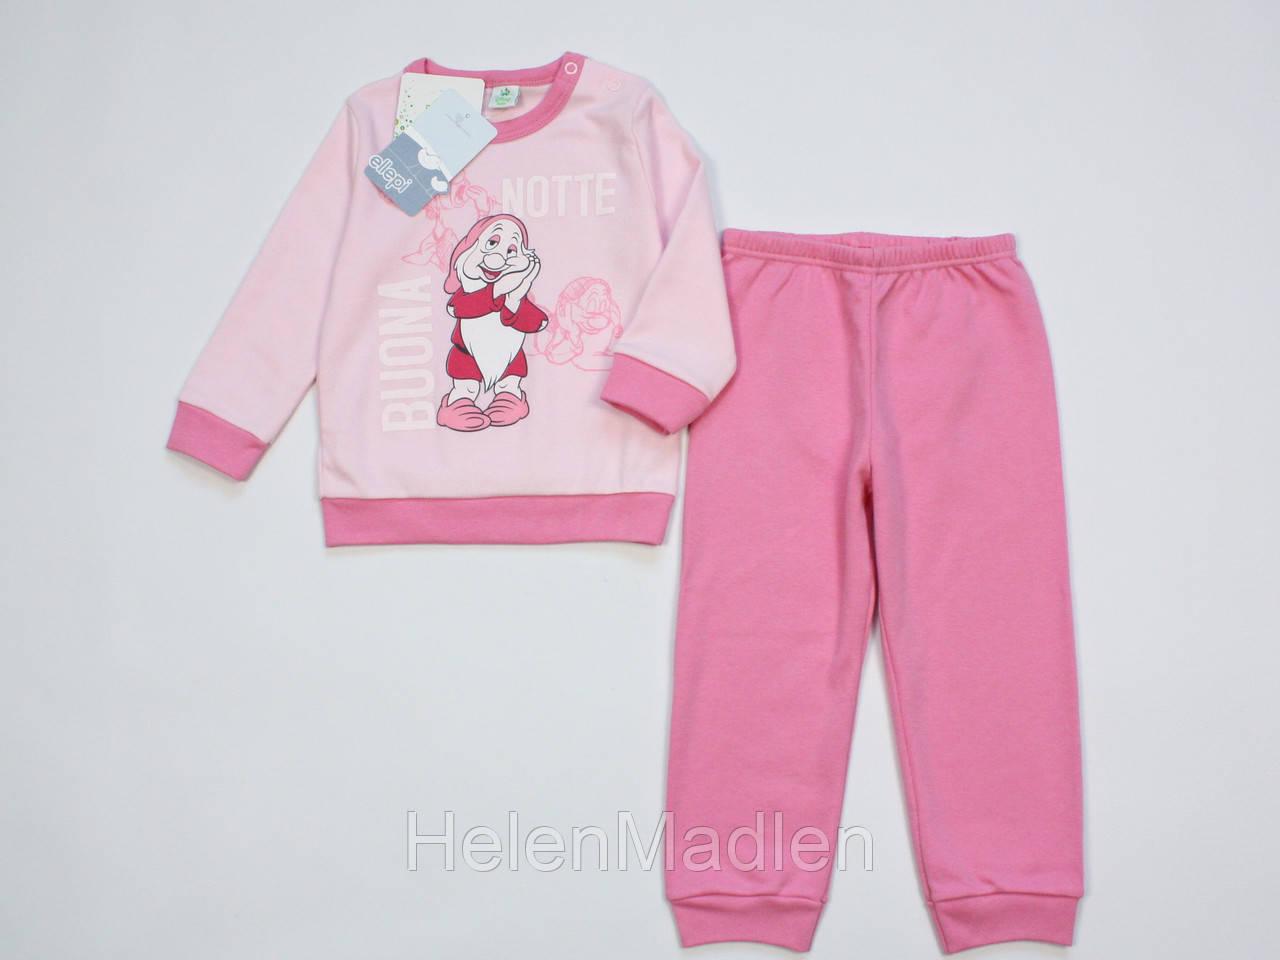 Пижама Ellepi Disney Baby хлопковая для девочки 80 см розовая